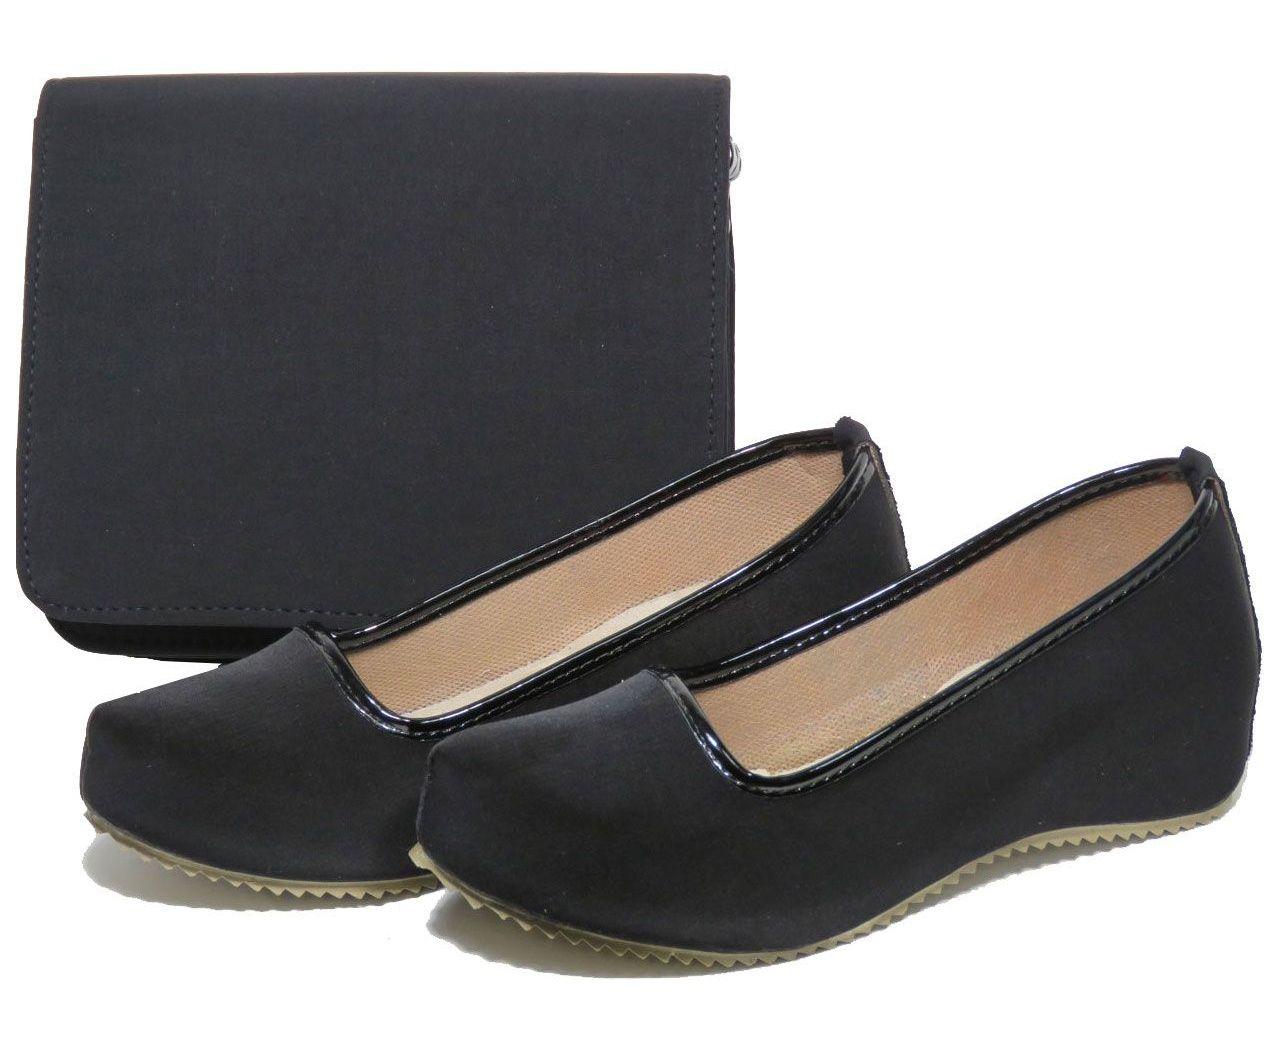 ست کیف و کفش زنانه کد PR800 main 1 1